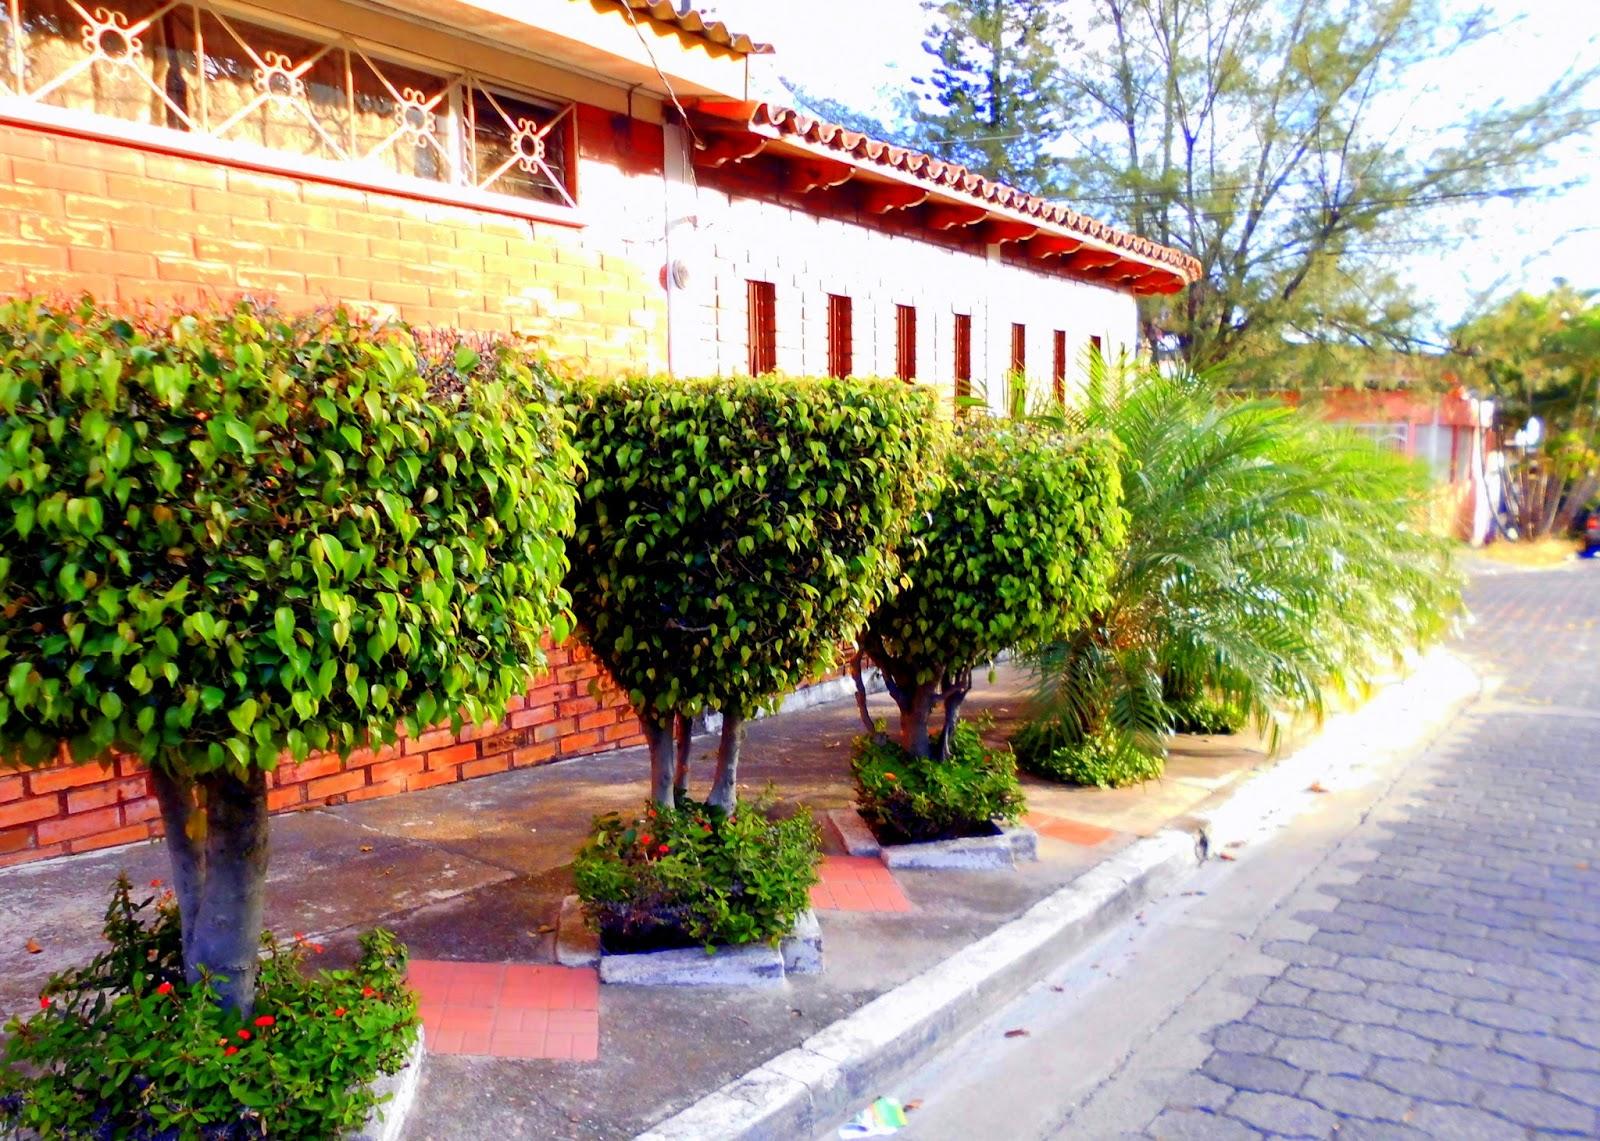 arbustos de ficus, plantas, árboles, flores, calle